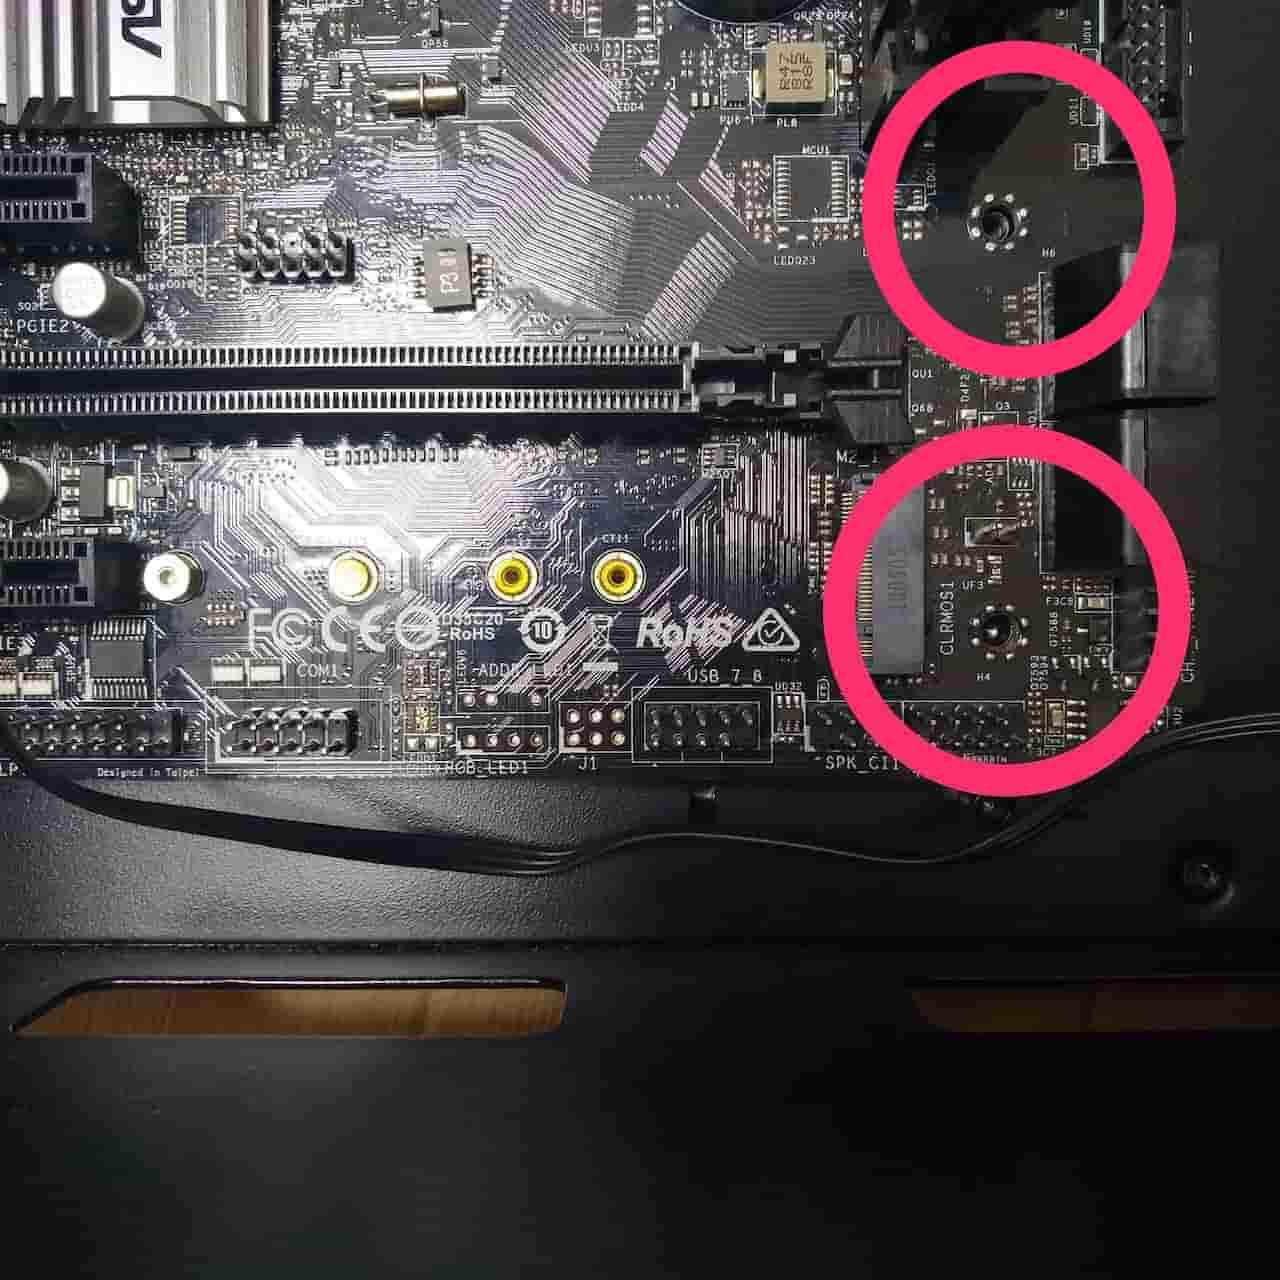 マザーボードの取り付け 穴の位置